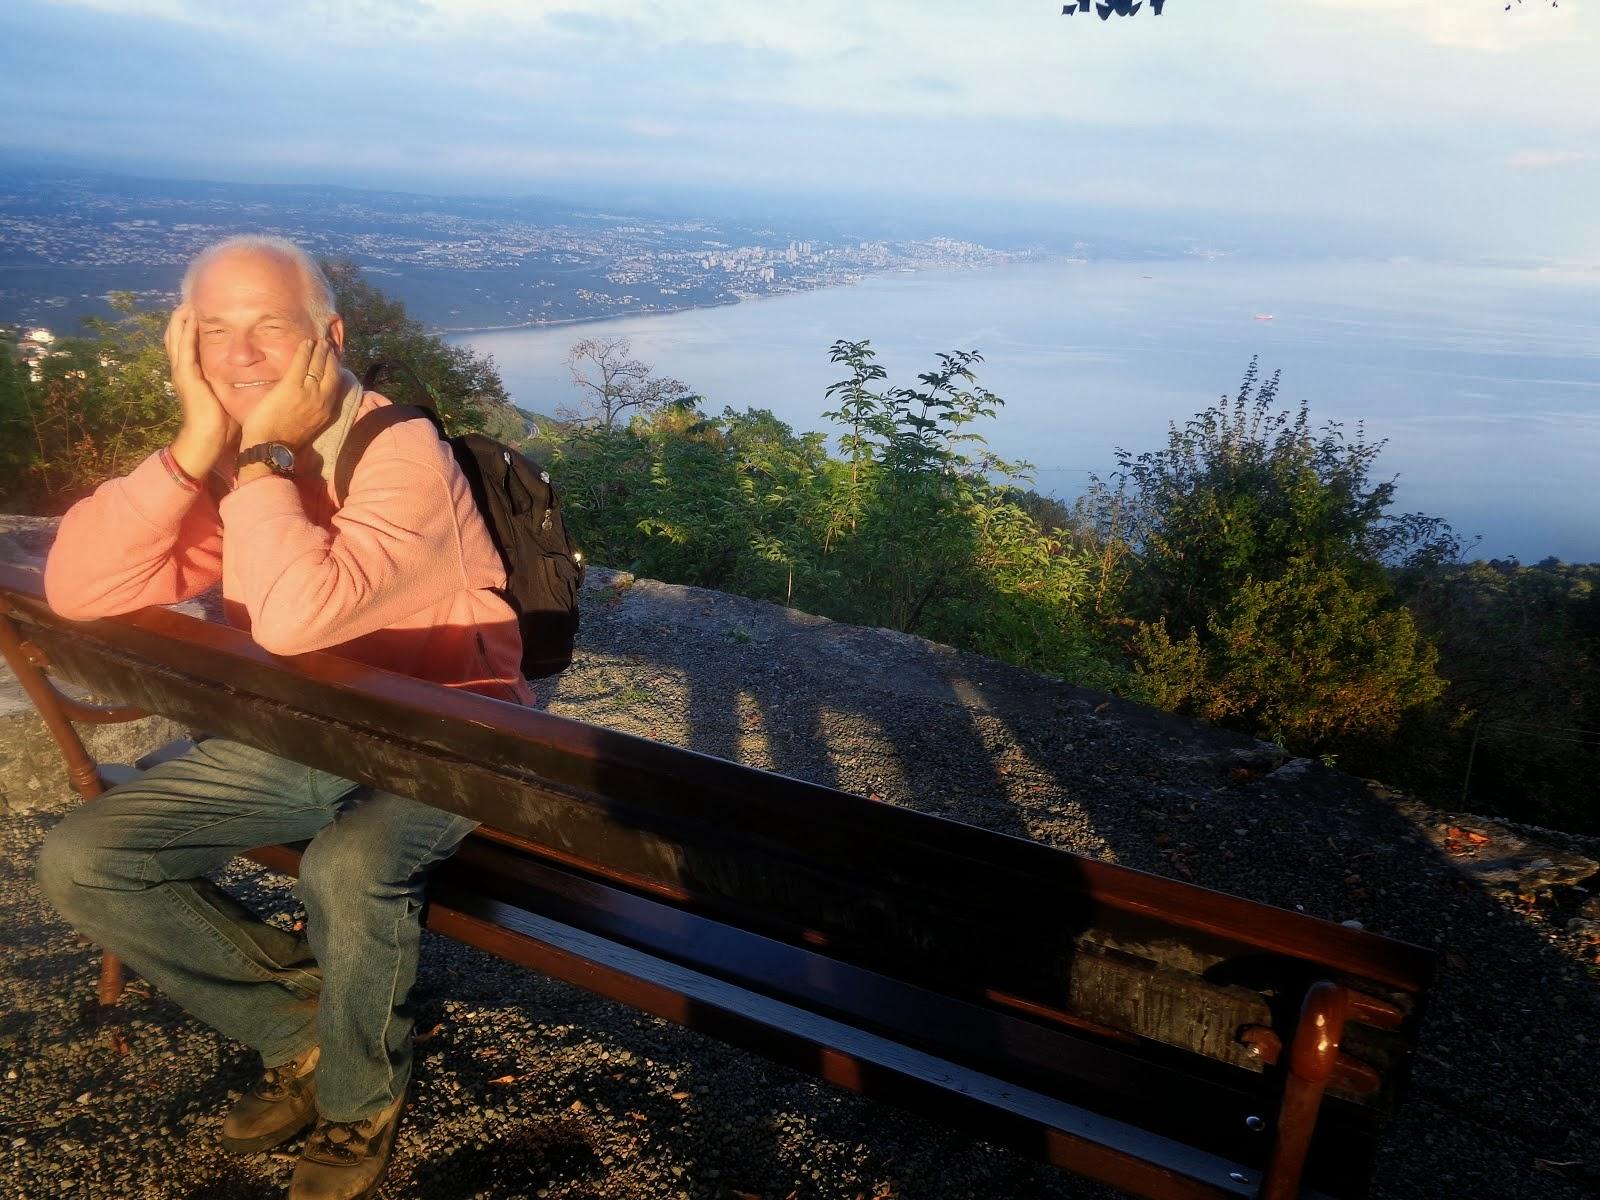 Quinta tappa della traversata Trieste-Fiume: in gita dal parco del monte Maggiore-Učka fino al mare